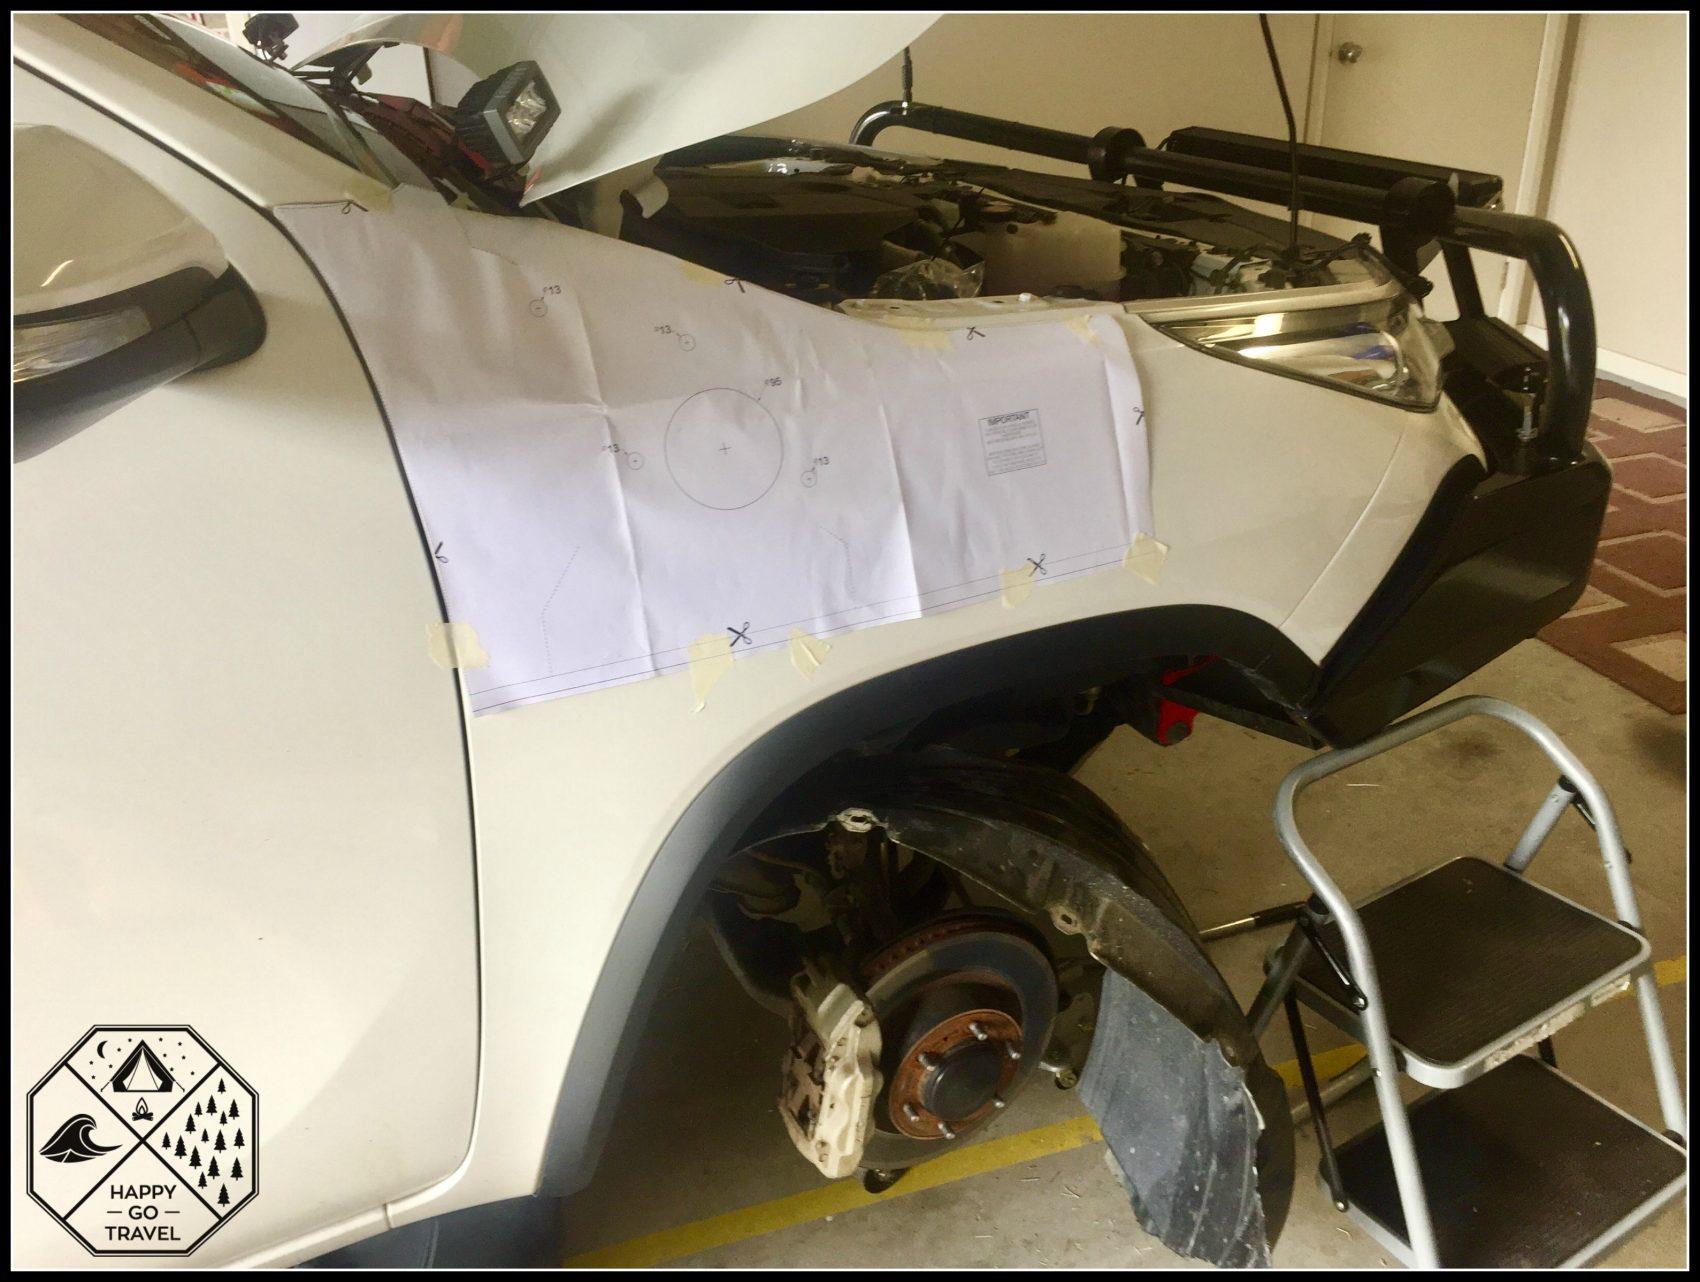 Toyota Fortuner, TJM Snorkel | 4x4 Snorkel installation